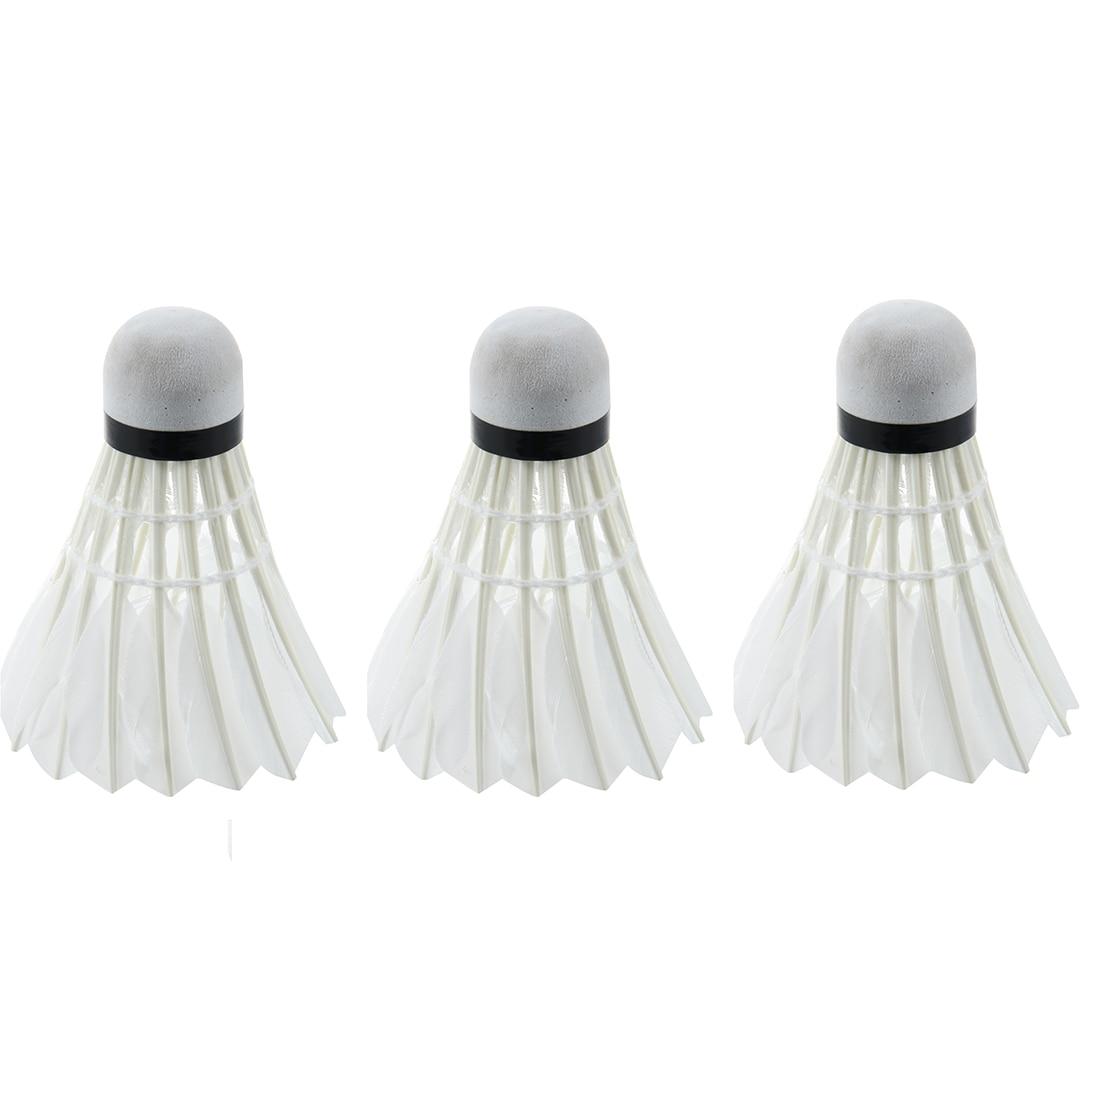 Dark Night LED Badminton Shuttlecock Birdies Lighting (Pack of 3) (blue)